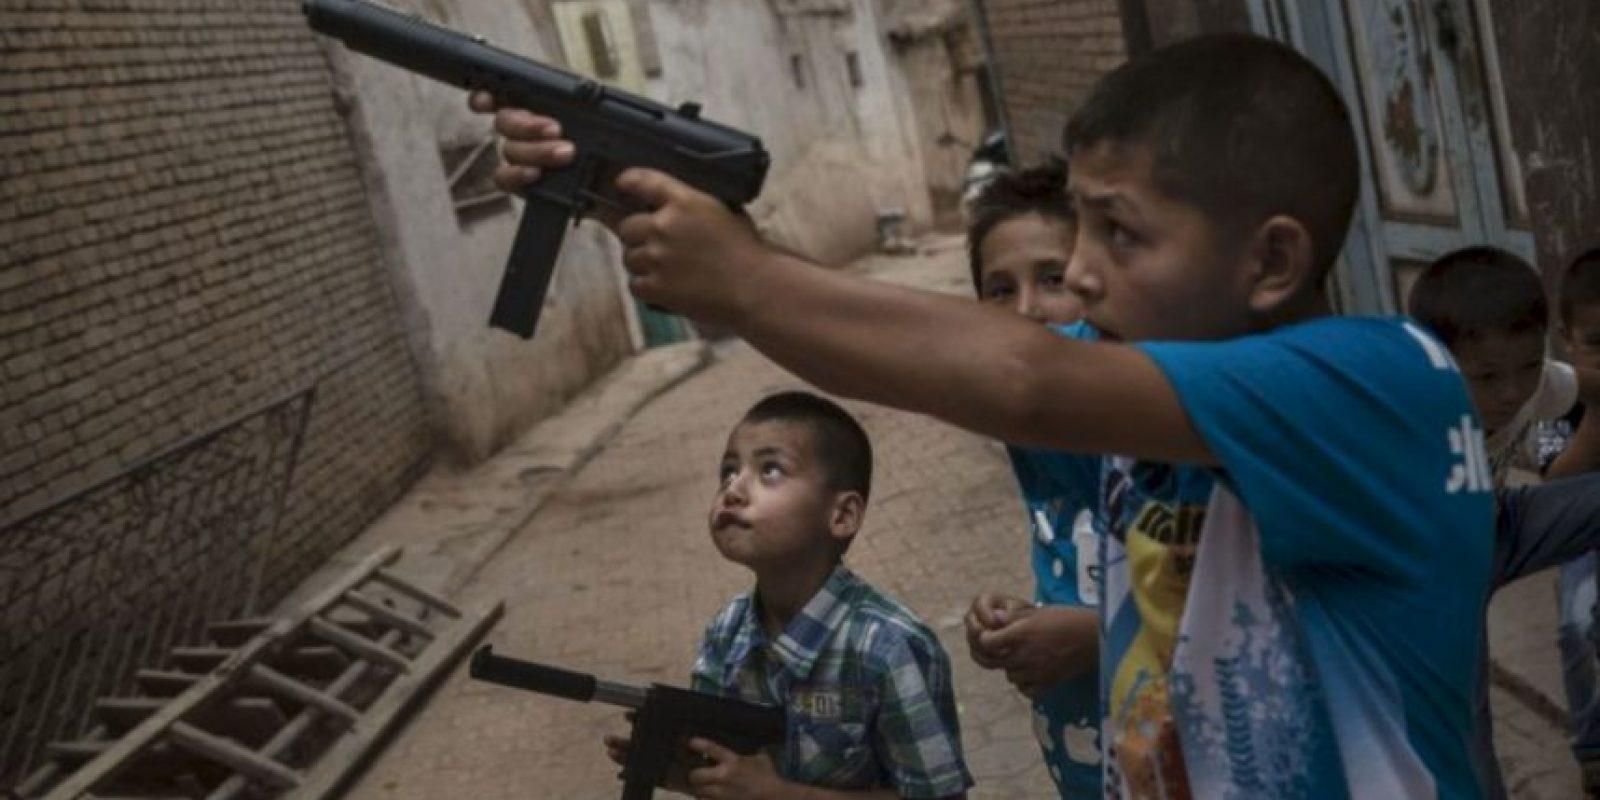 Luego de atar al pequeño uno de los adolescentes lo apuñaló por la espalda. Foto:Getty Images